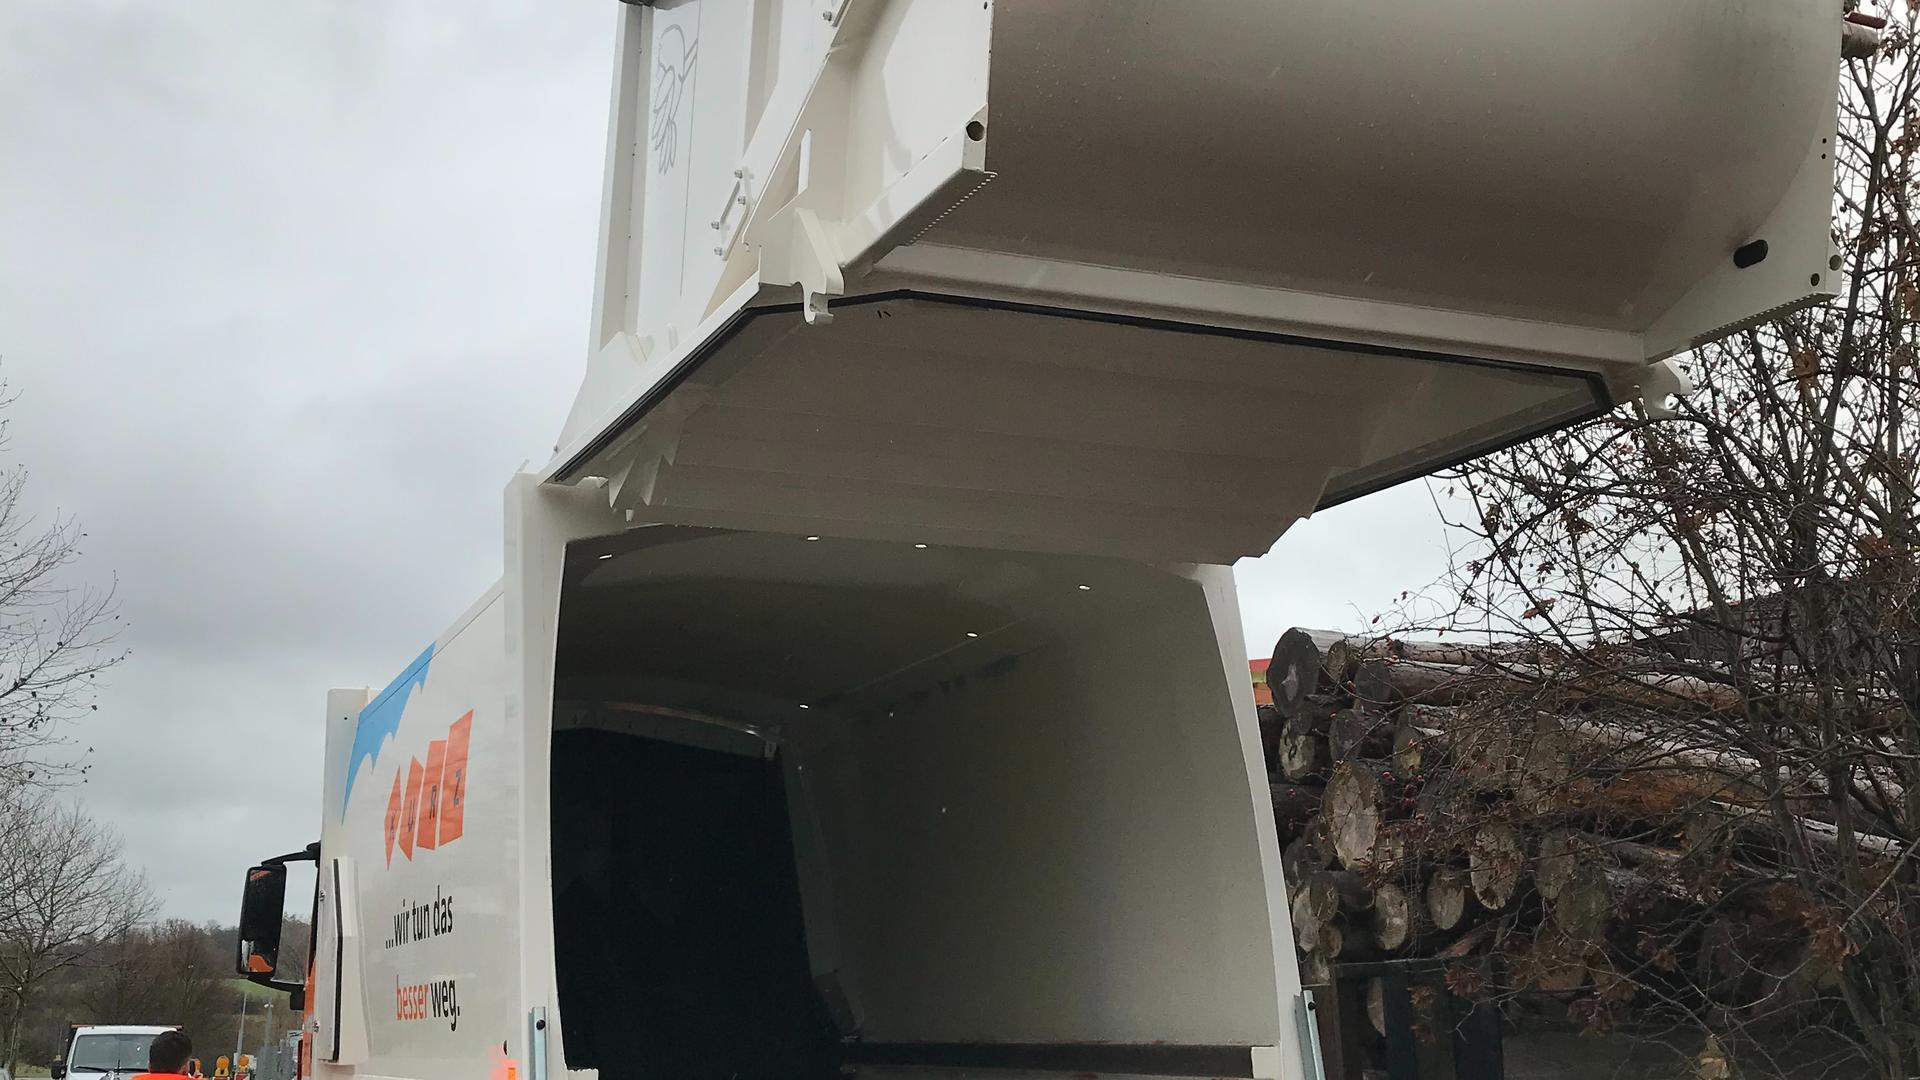 Eigens für die Sammlung der Bioabfälle im Landkreis Karlsruhe hat die Firma Kurz Entsorgung neue Müllfahrzeuge angeschafft.